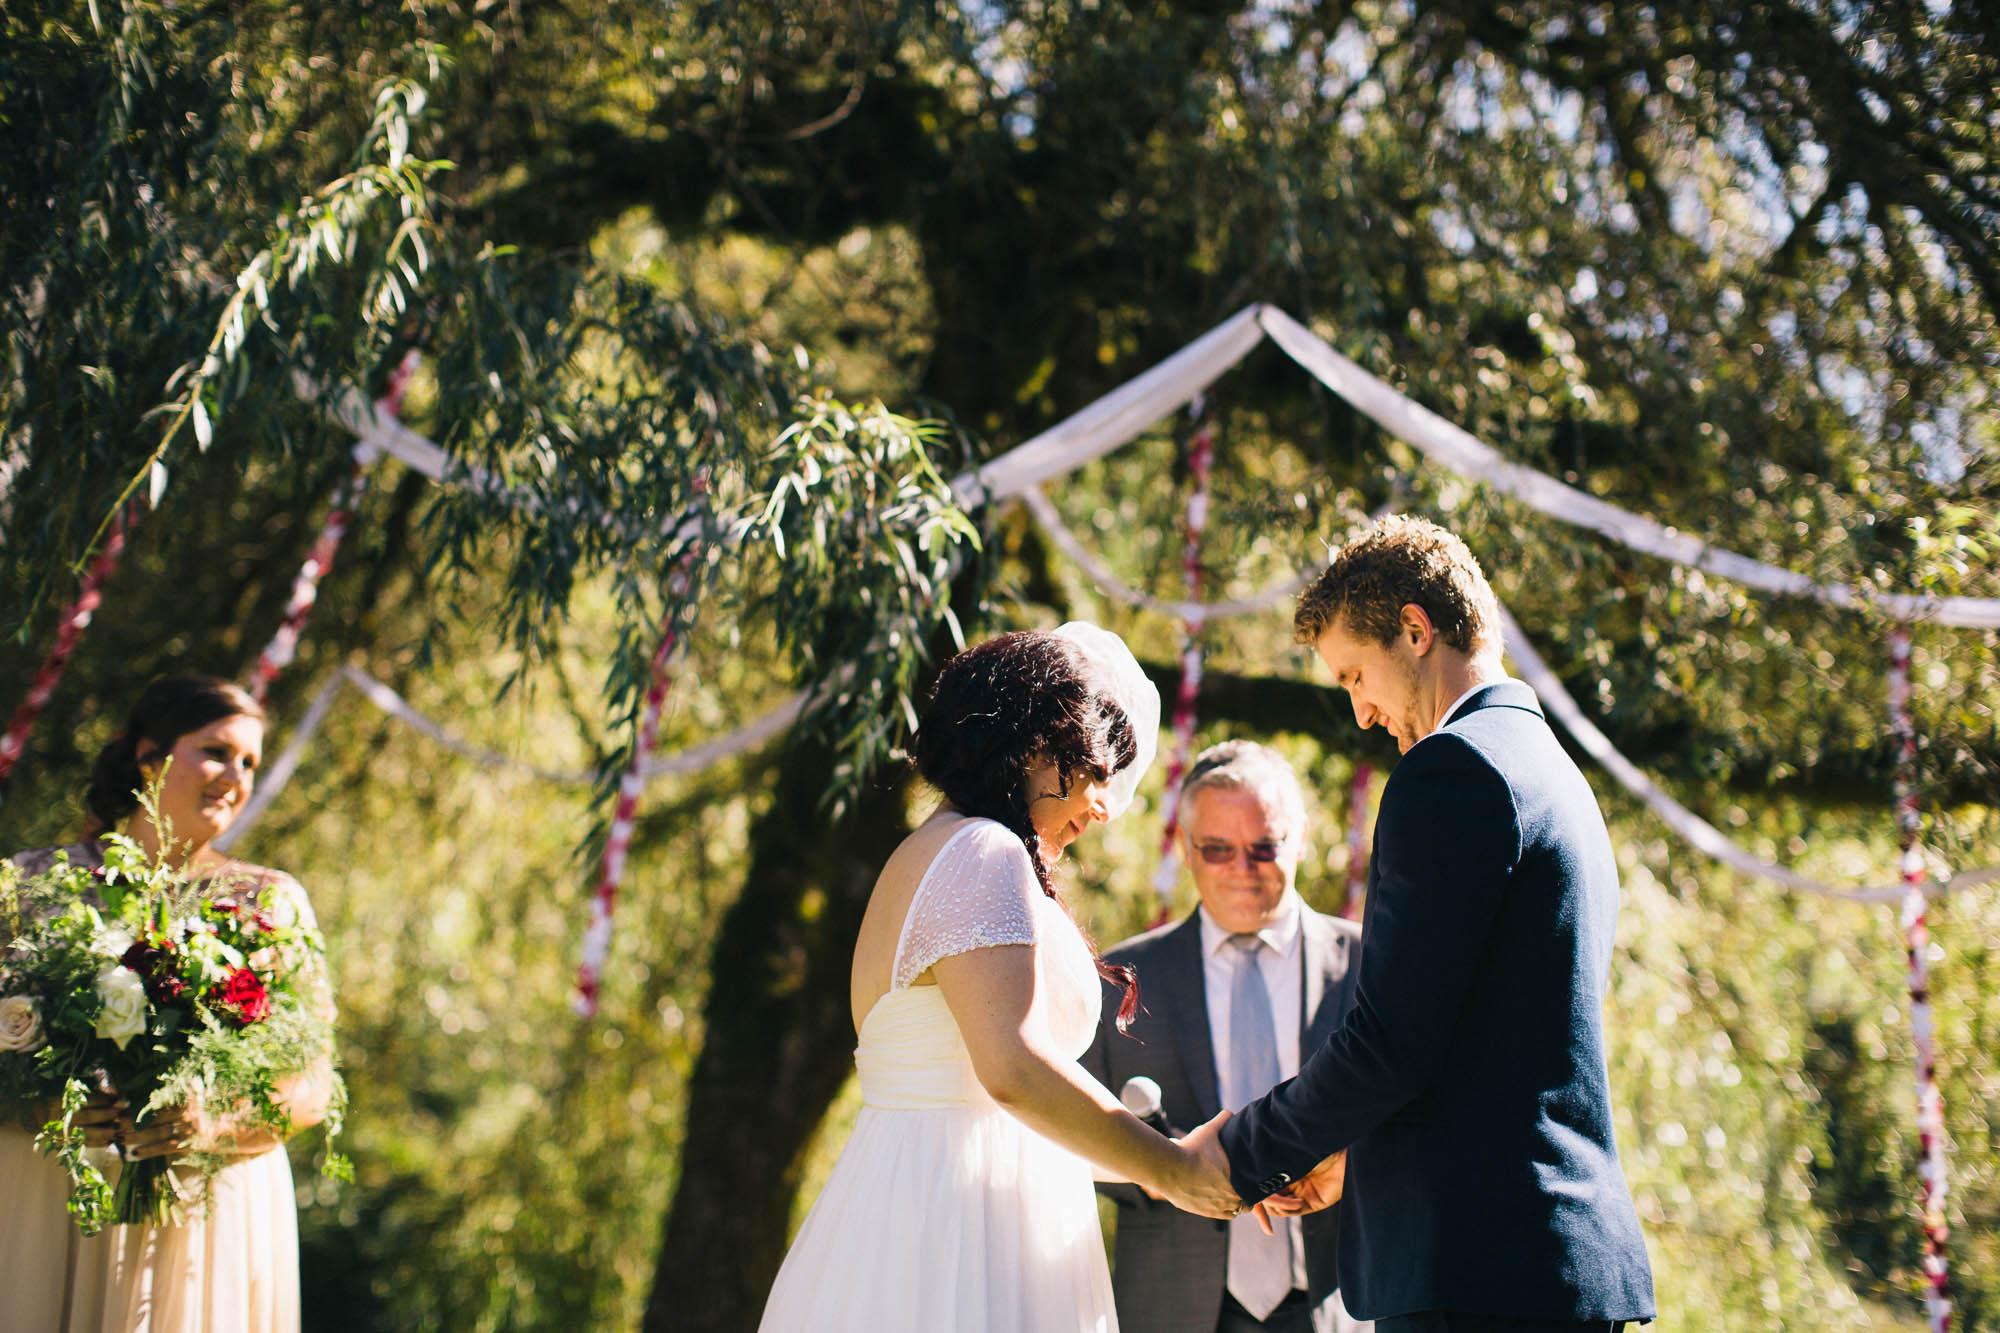 20140920_wedding_best_squamish_evanslake_photographer_photography_squamish__106.jpg